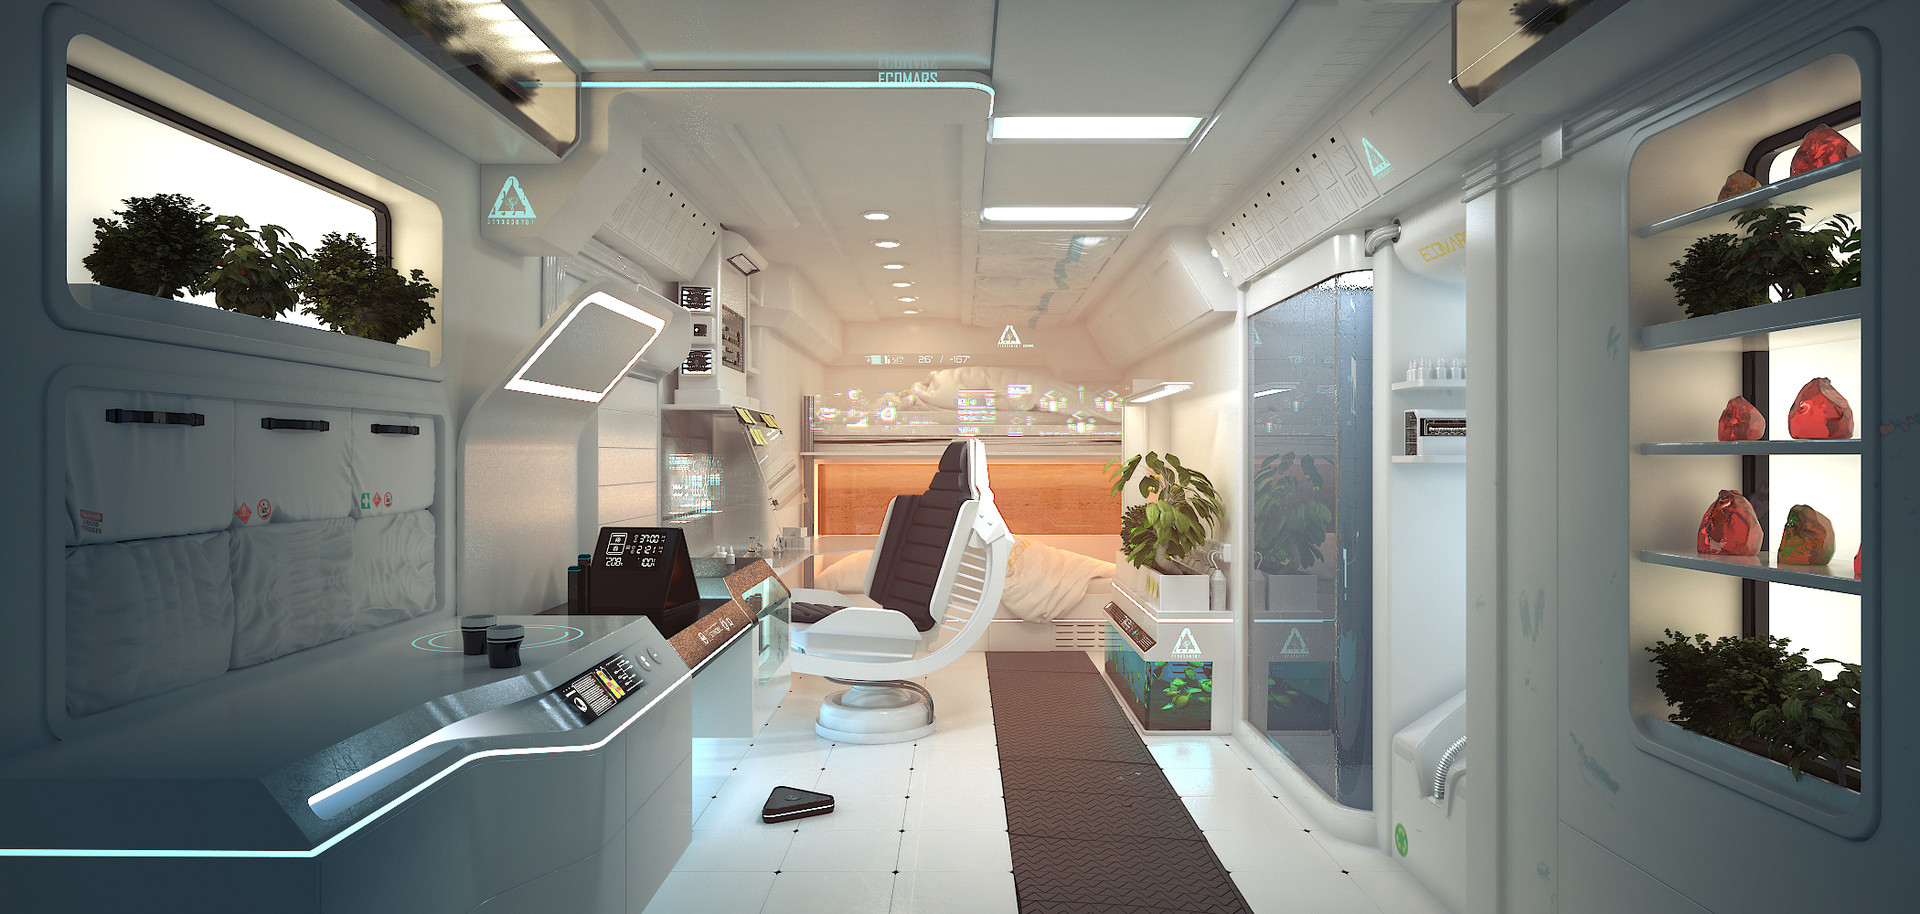 Mars habitat interior by Yanay Nadel